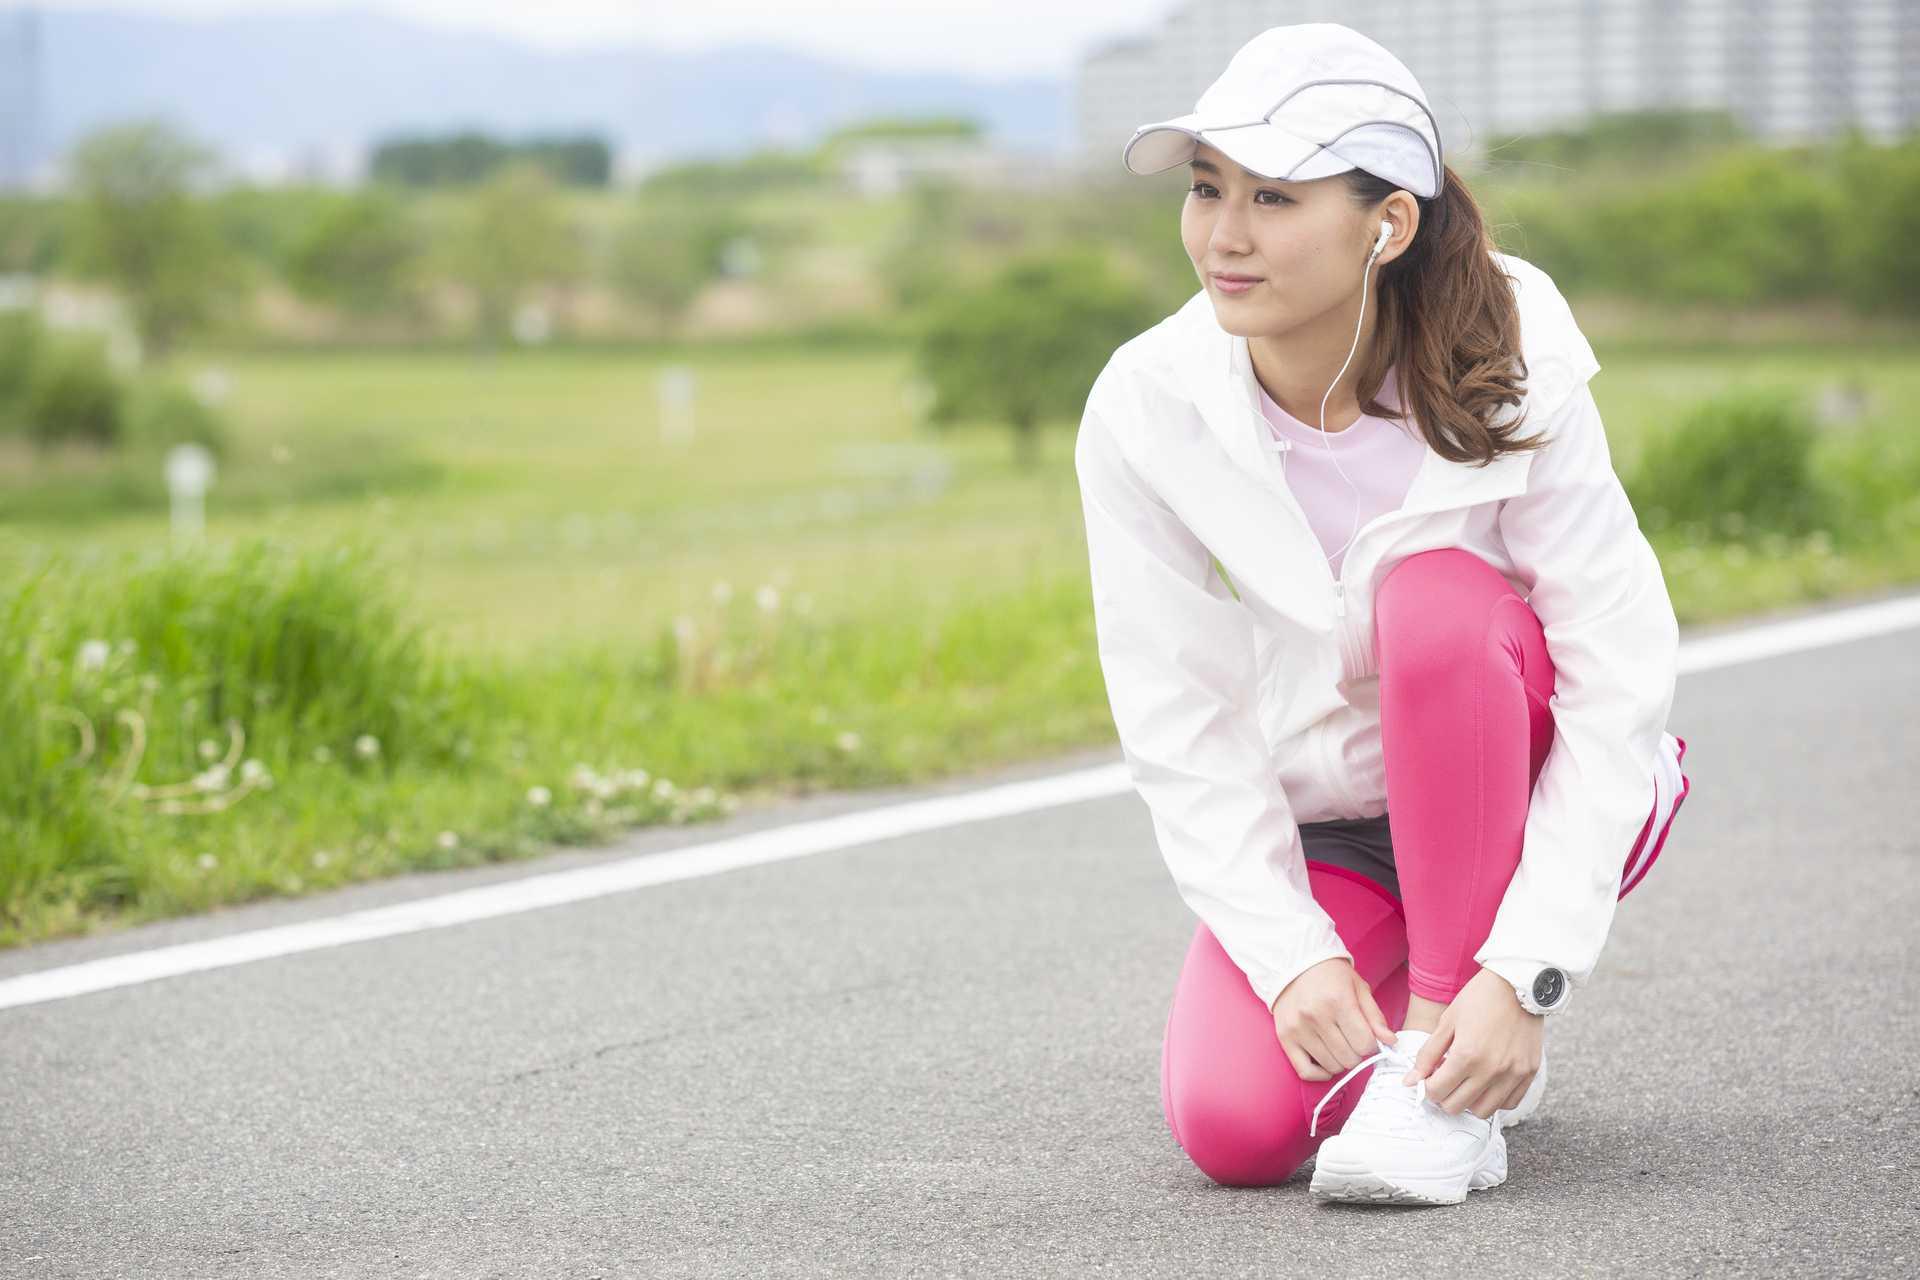 散歩用シューズは、習慣になる前に買ってもいい。 | 早朝の散歩習慣のすすめ